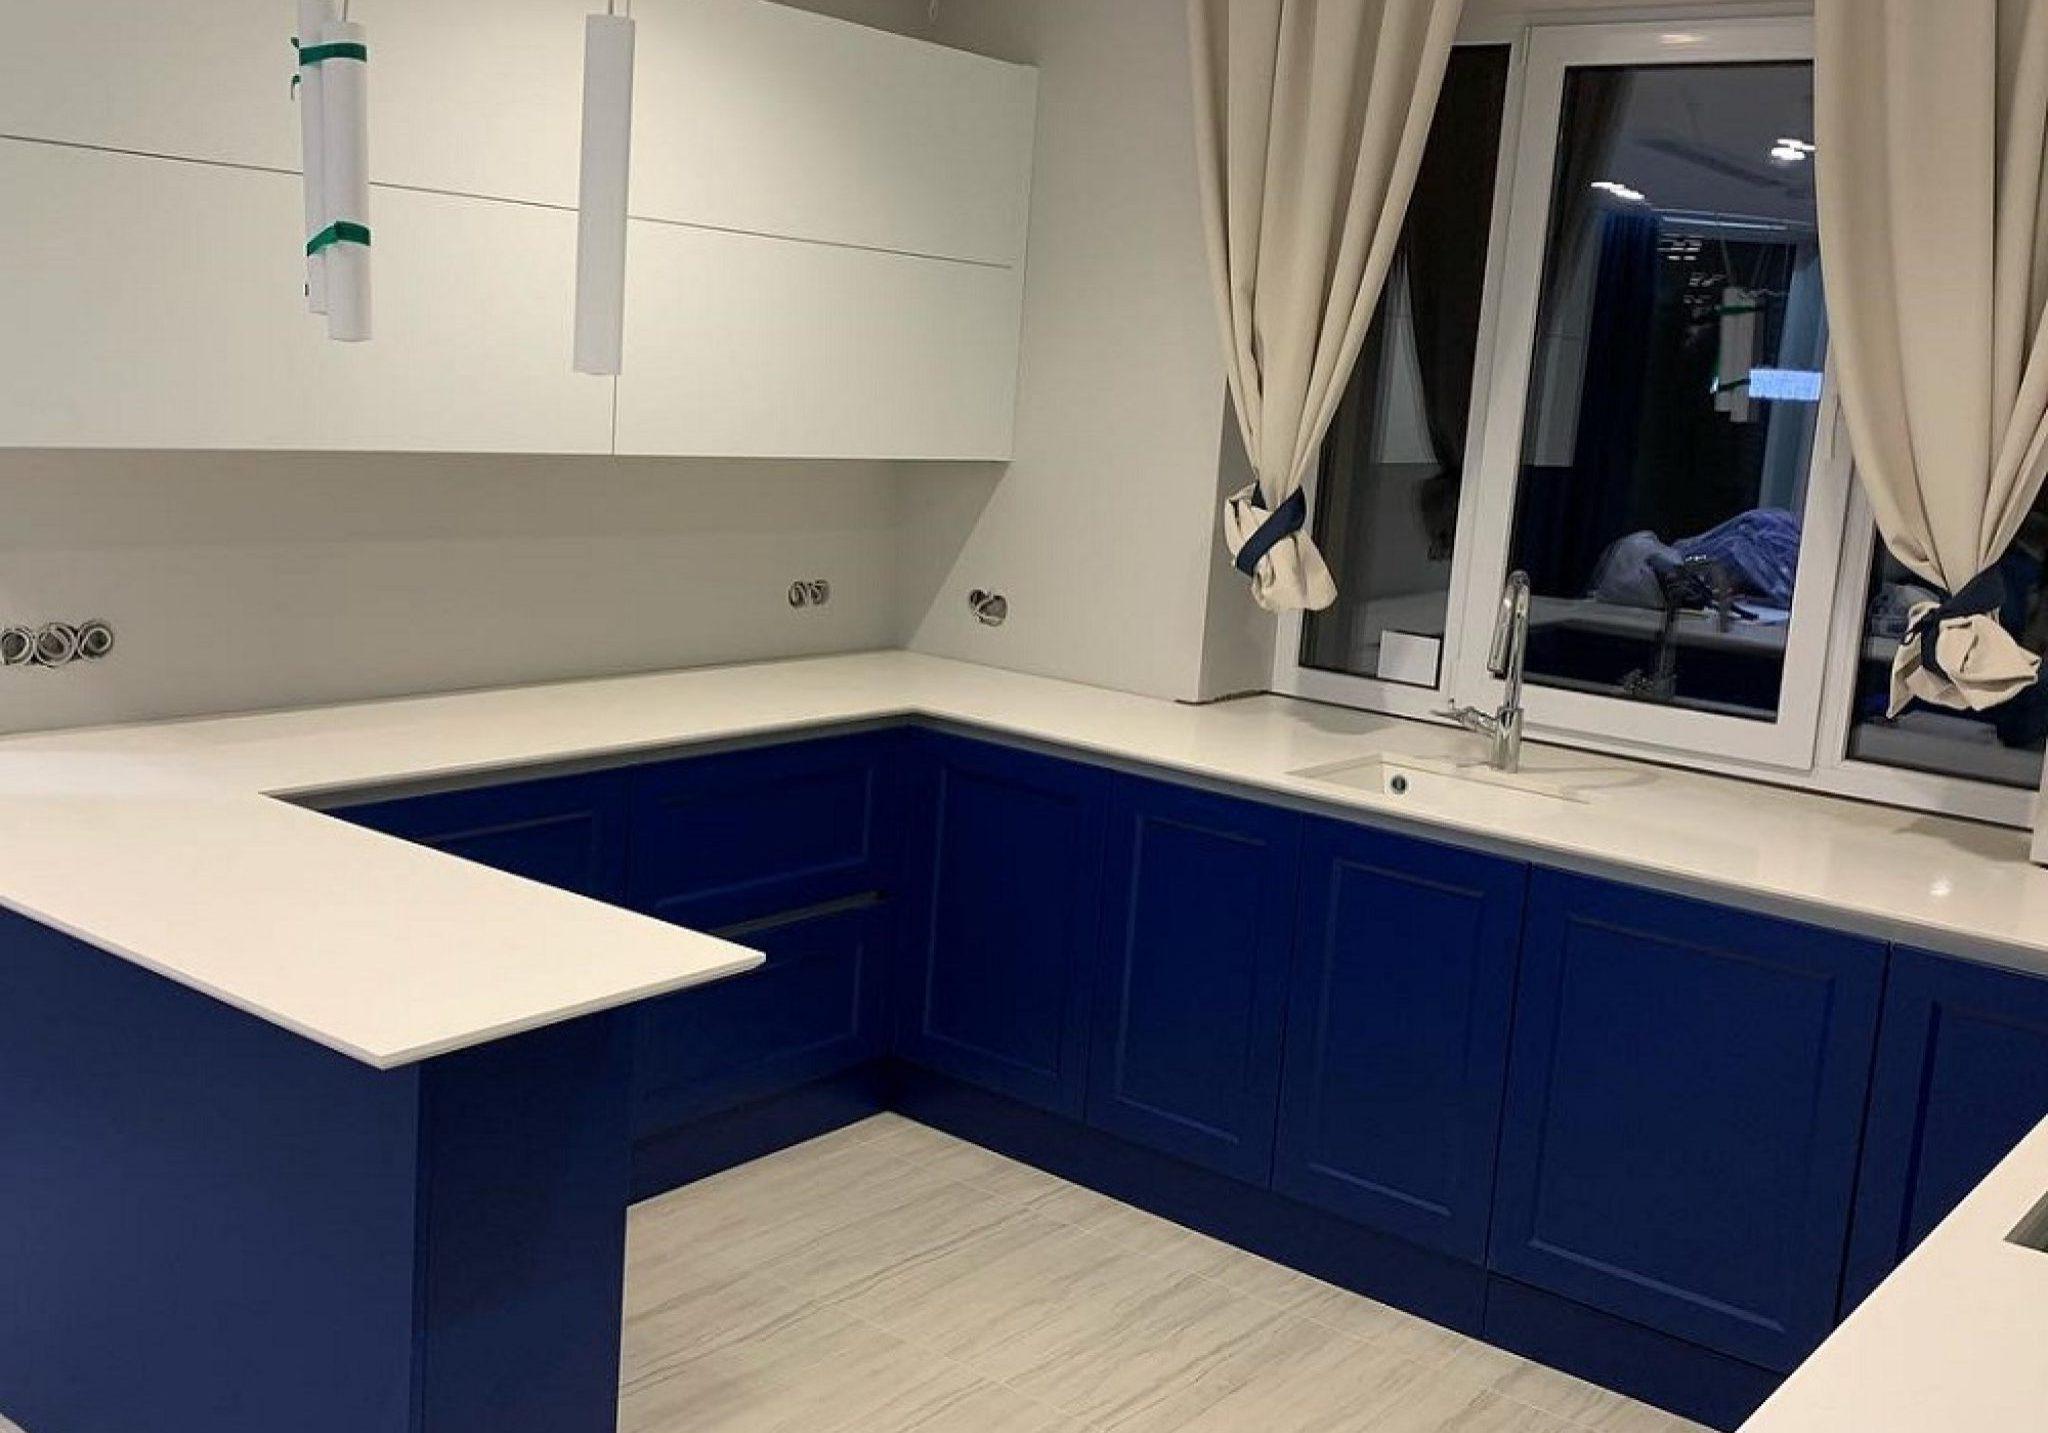 П-образная сине-белая кухня под окно с барной стойкой, матовая, модерн